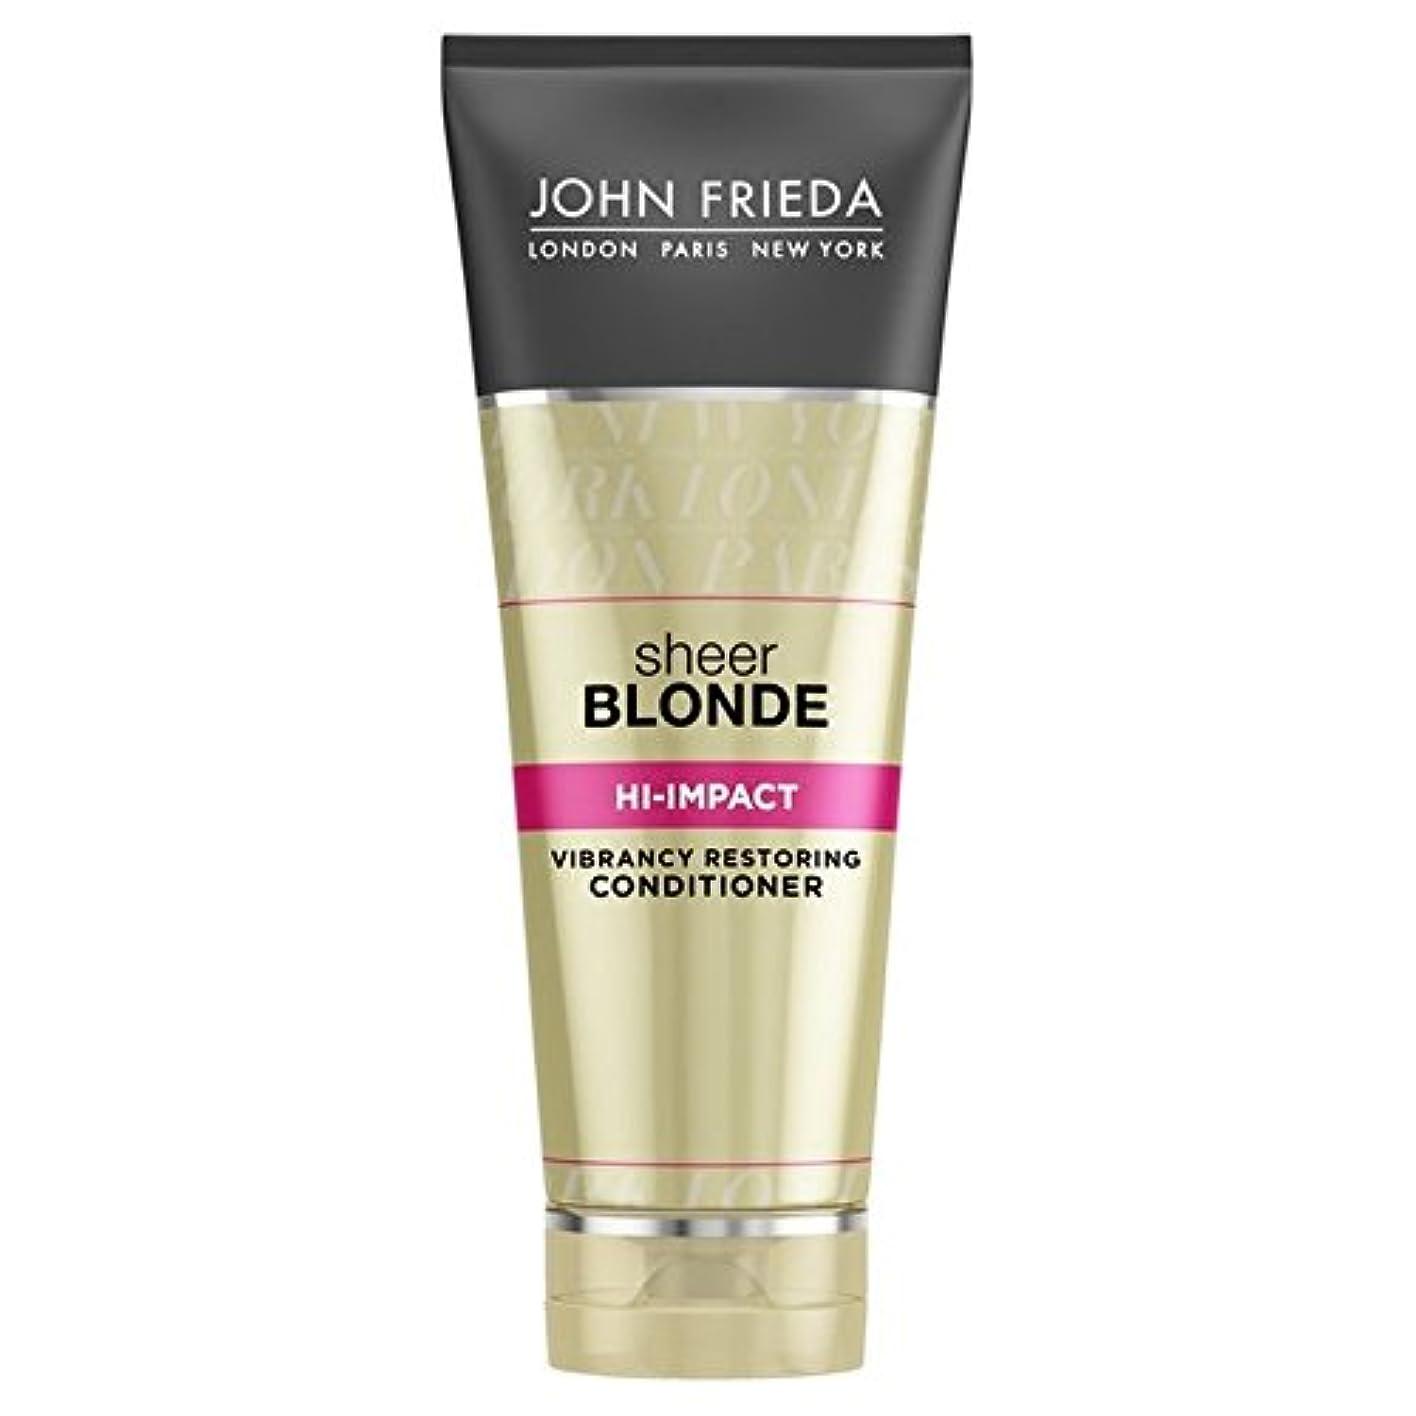 レトルト換気ハンドブックジョン?フリーダ膨大なブロンドハイインパクトコンディショナー250 x4 - John Frieda Sheer Blonde Hi Impact Conditioner 250ml (Pack of 4) [並行輸入品]